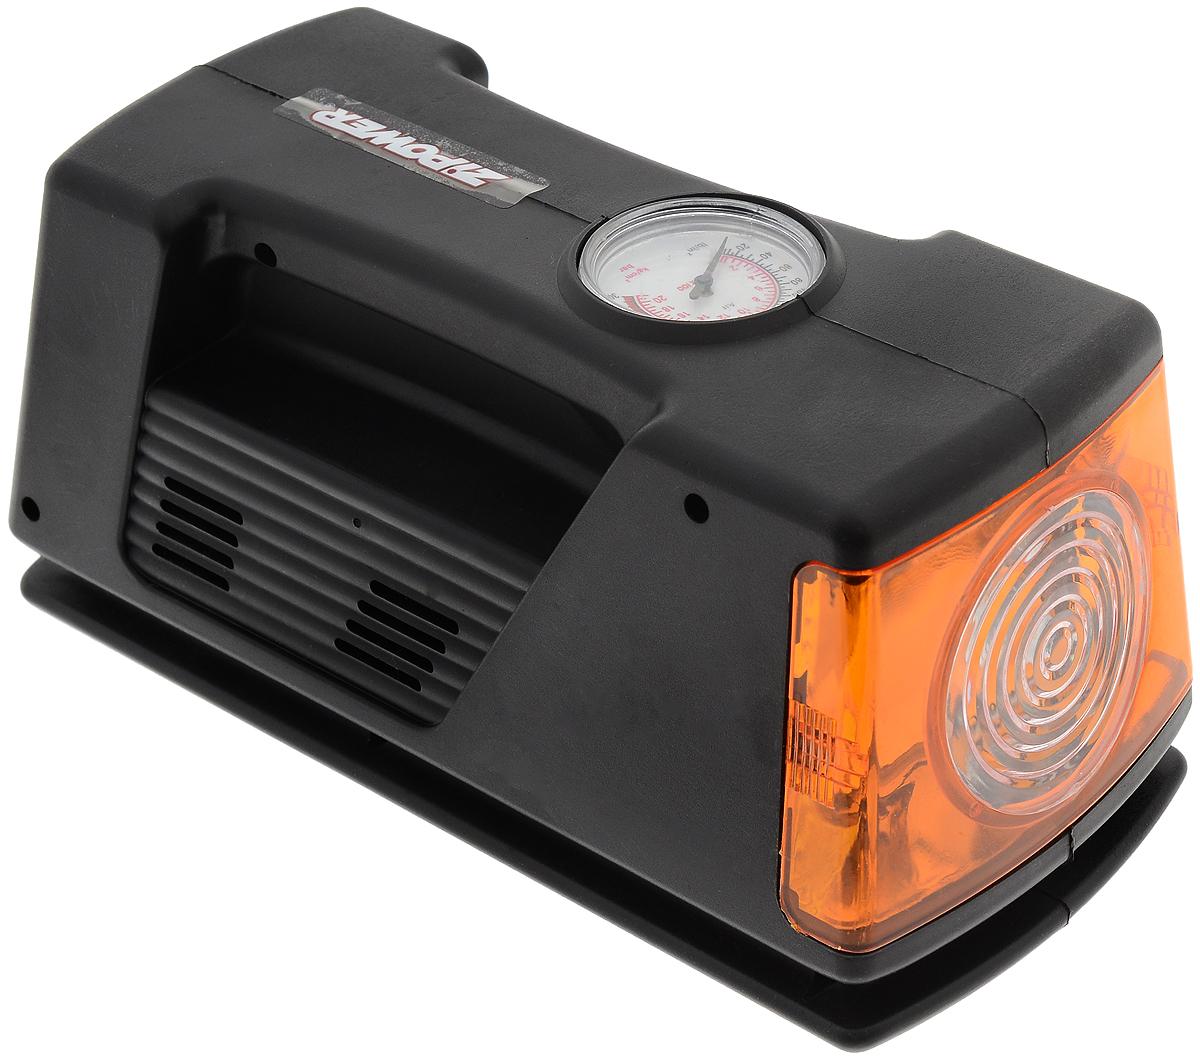 Компрессор автомобильный Zipower, с манометром и фонаремAL-500Автомобильный компрессор Zipower позволяет накачать колесо автомобиля или же проверить в нем давление. Встроенный фонарь позволяет производить работы в темное время суток. Оснащен проблесковым маячком. Подключается к бортовой сети автомобиля. Контроль за давлением осуществляется при помощи встроенного манометра. Напряжение: 12 ВМаксимальное давление: 21 атм.Производительность: 10 л/мин.Диапазон работы манометра: 0–5 атм.Насадки: 3 шт.